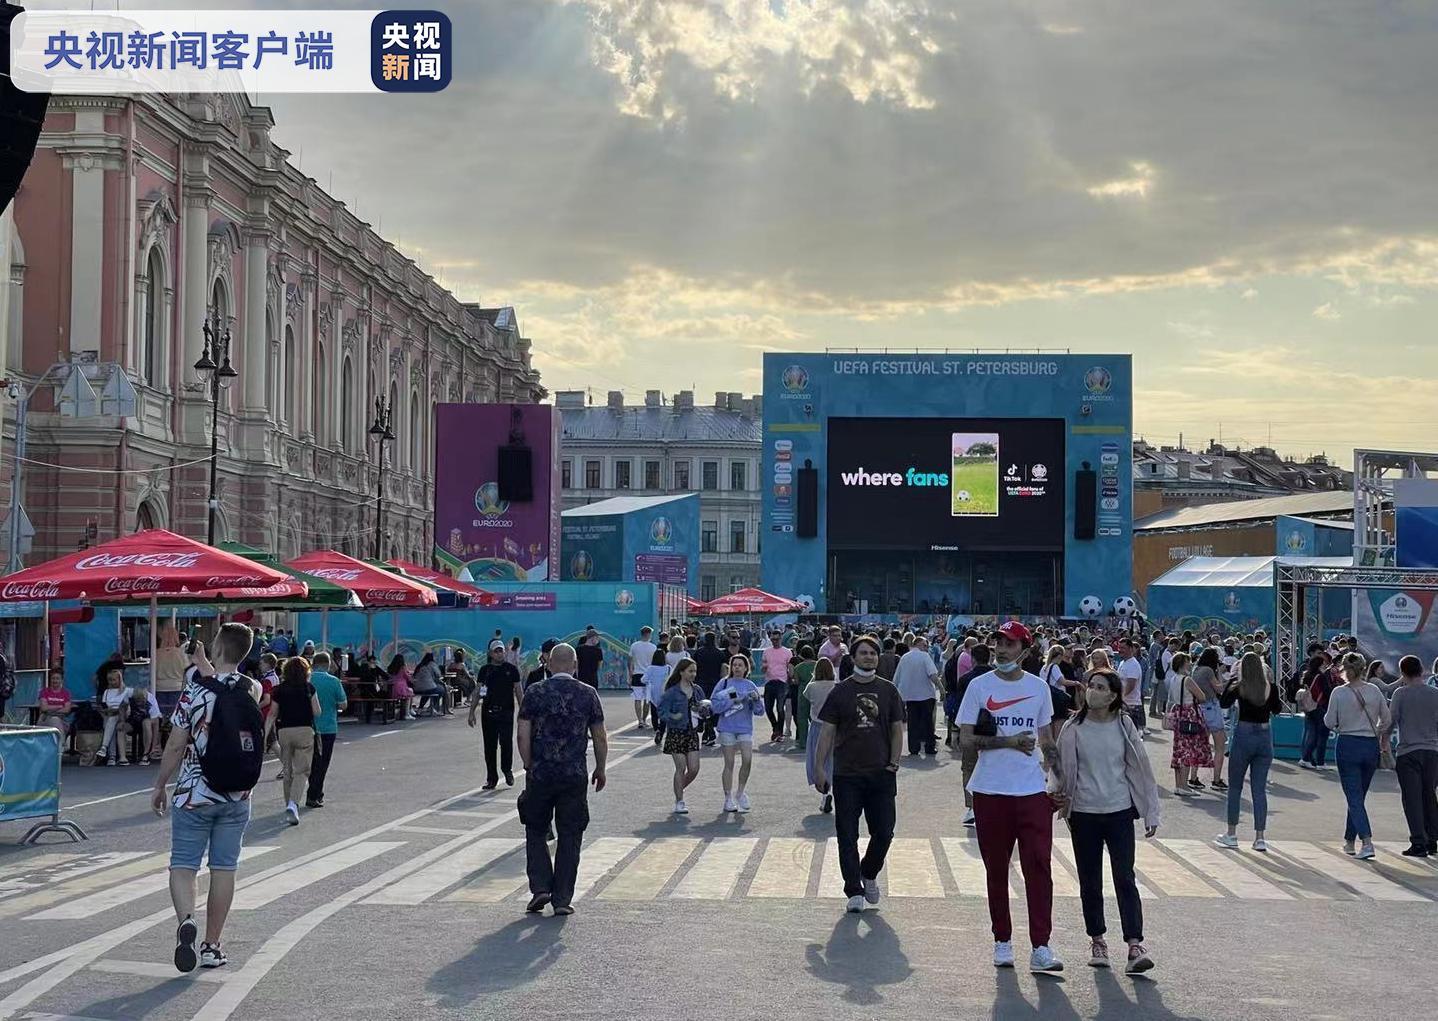 因疫情恶化俄罗斯圣彼得堡收紧防疫政策